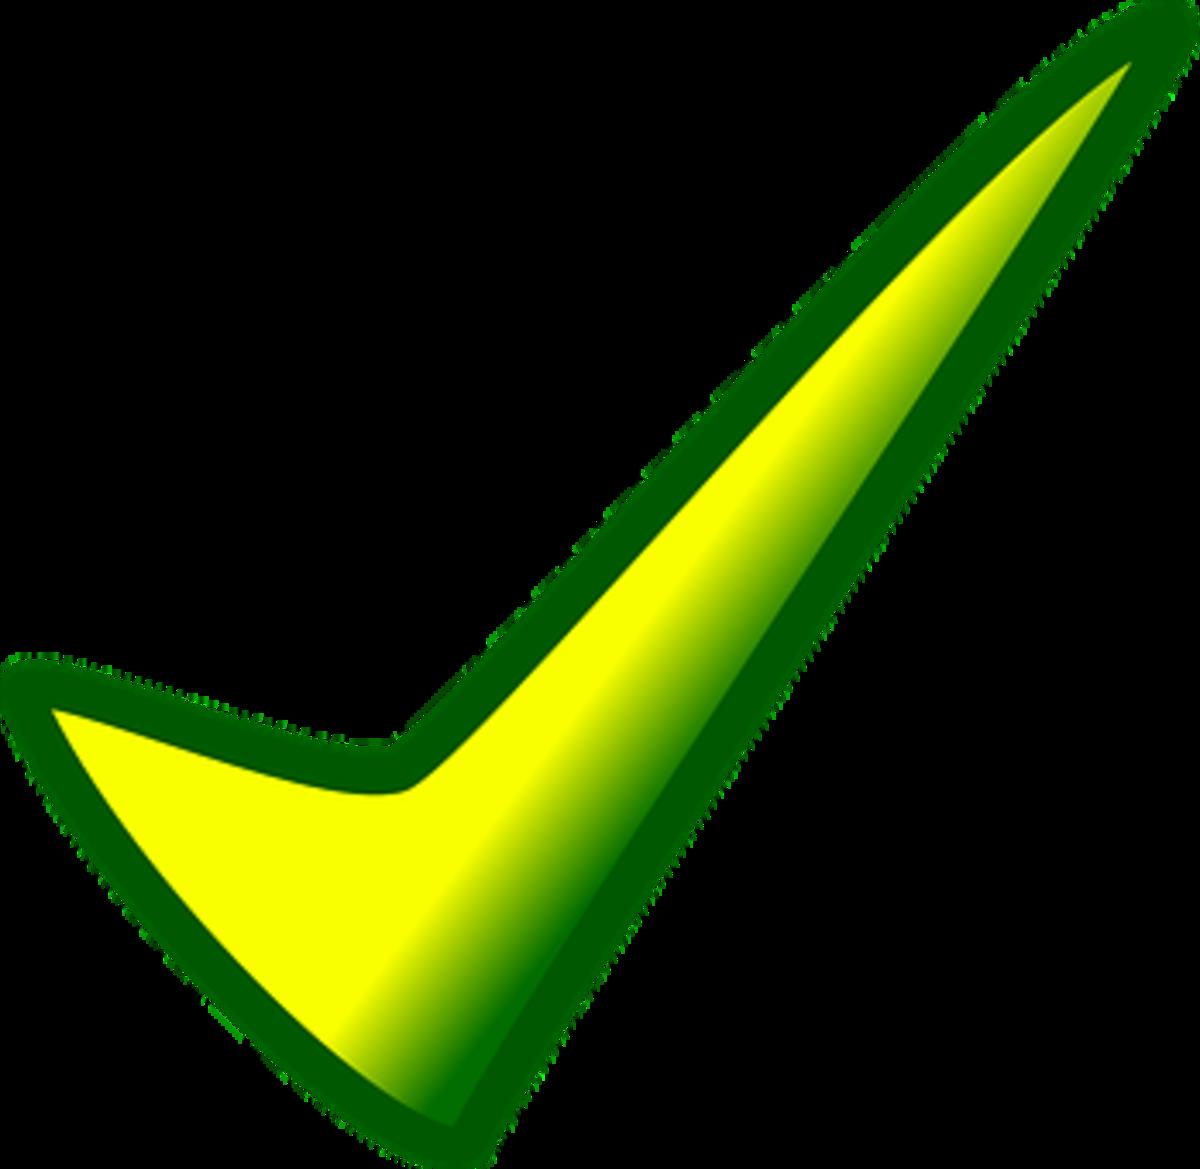 a check mark; a correct symbol